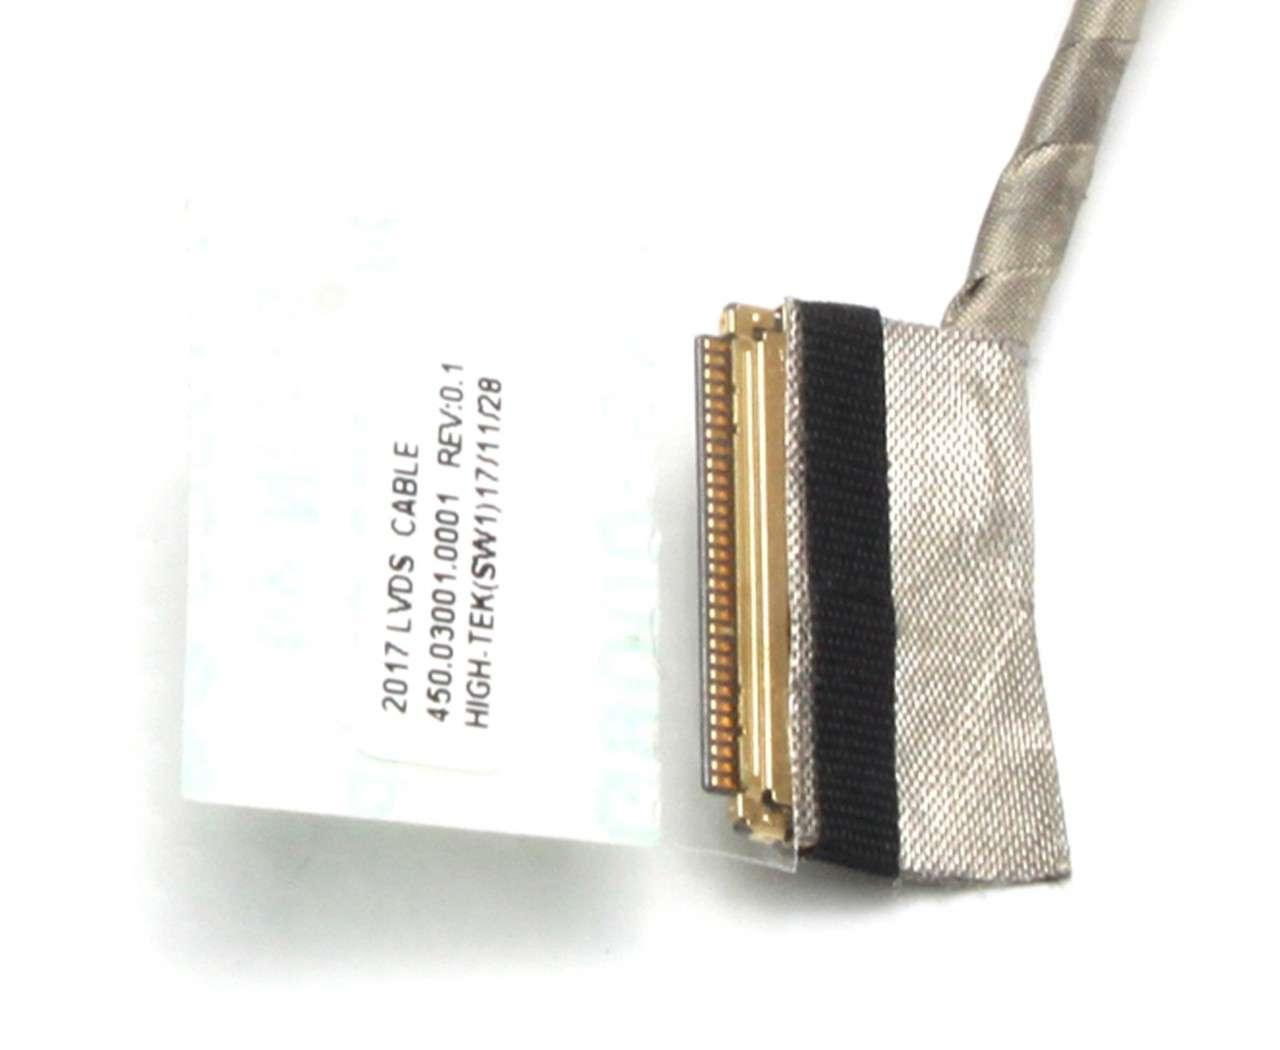 Cablu video eDP Dell Vostro 15 3559 fara touchscreen imagine powerlaptop.ro 2021